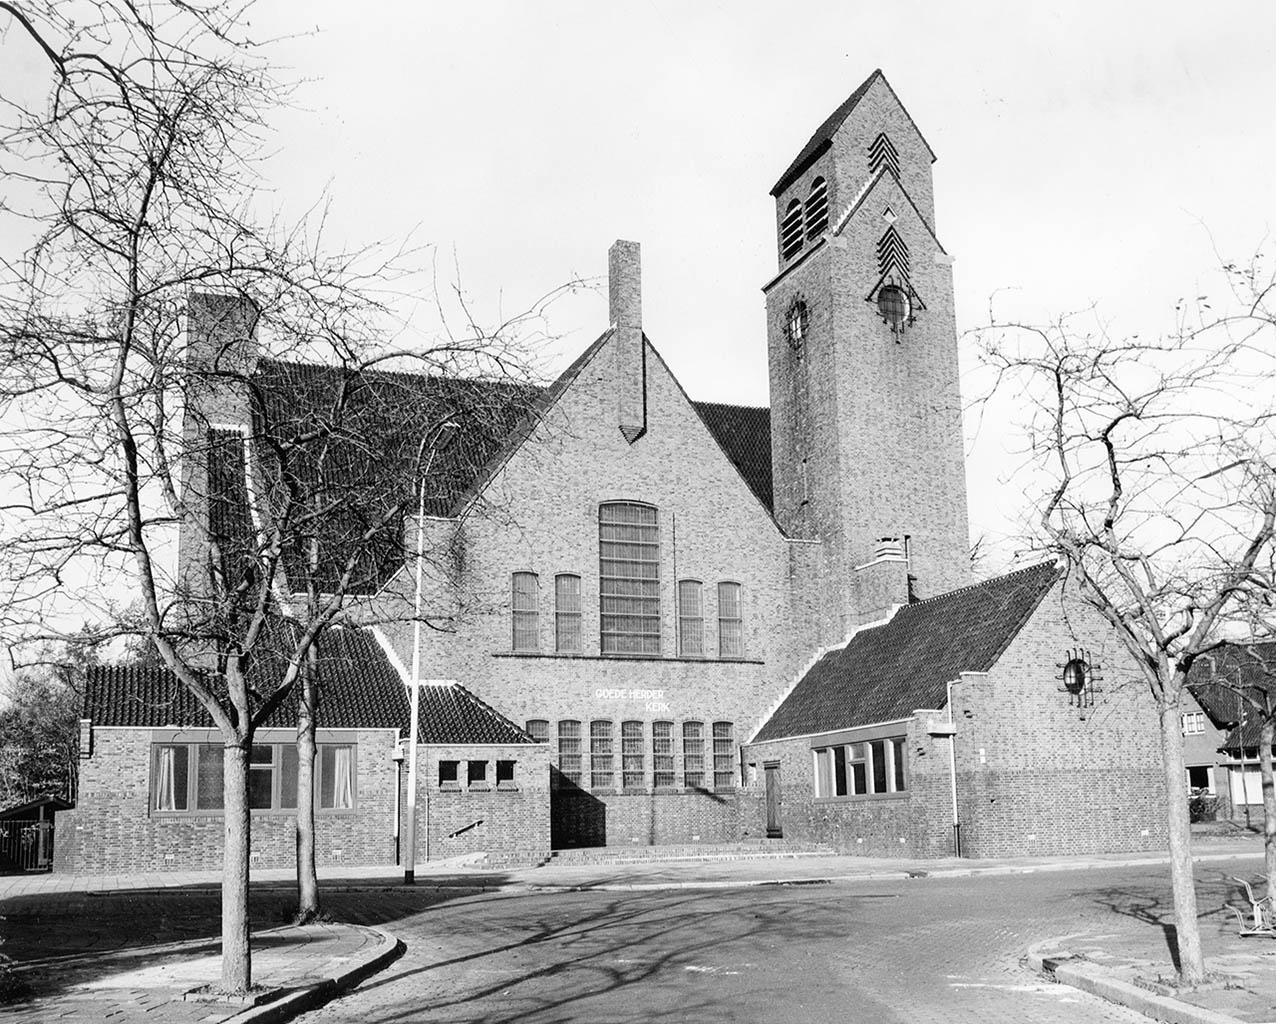 Goede Herderkerk, 1988. Foto Jan Hovinga, Groninger Archieven